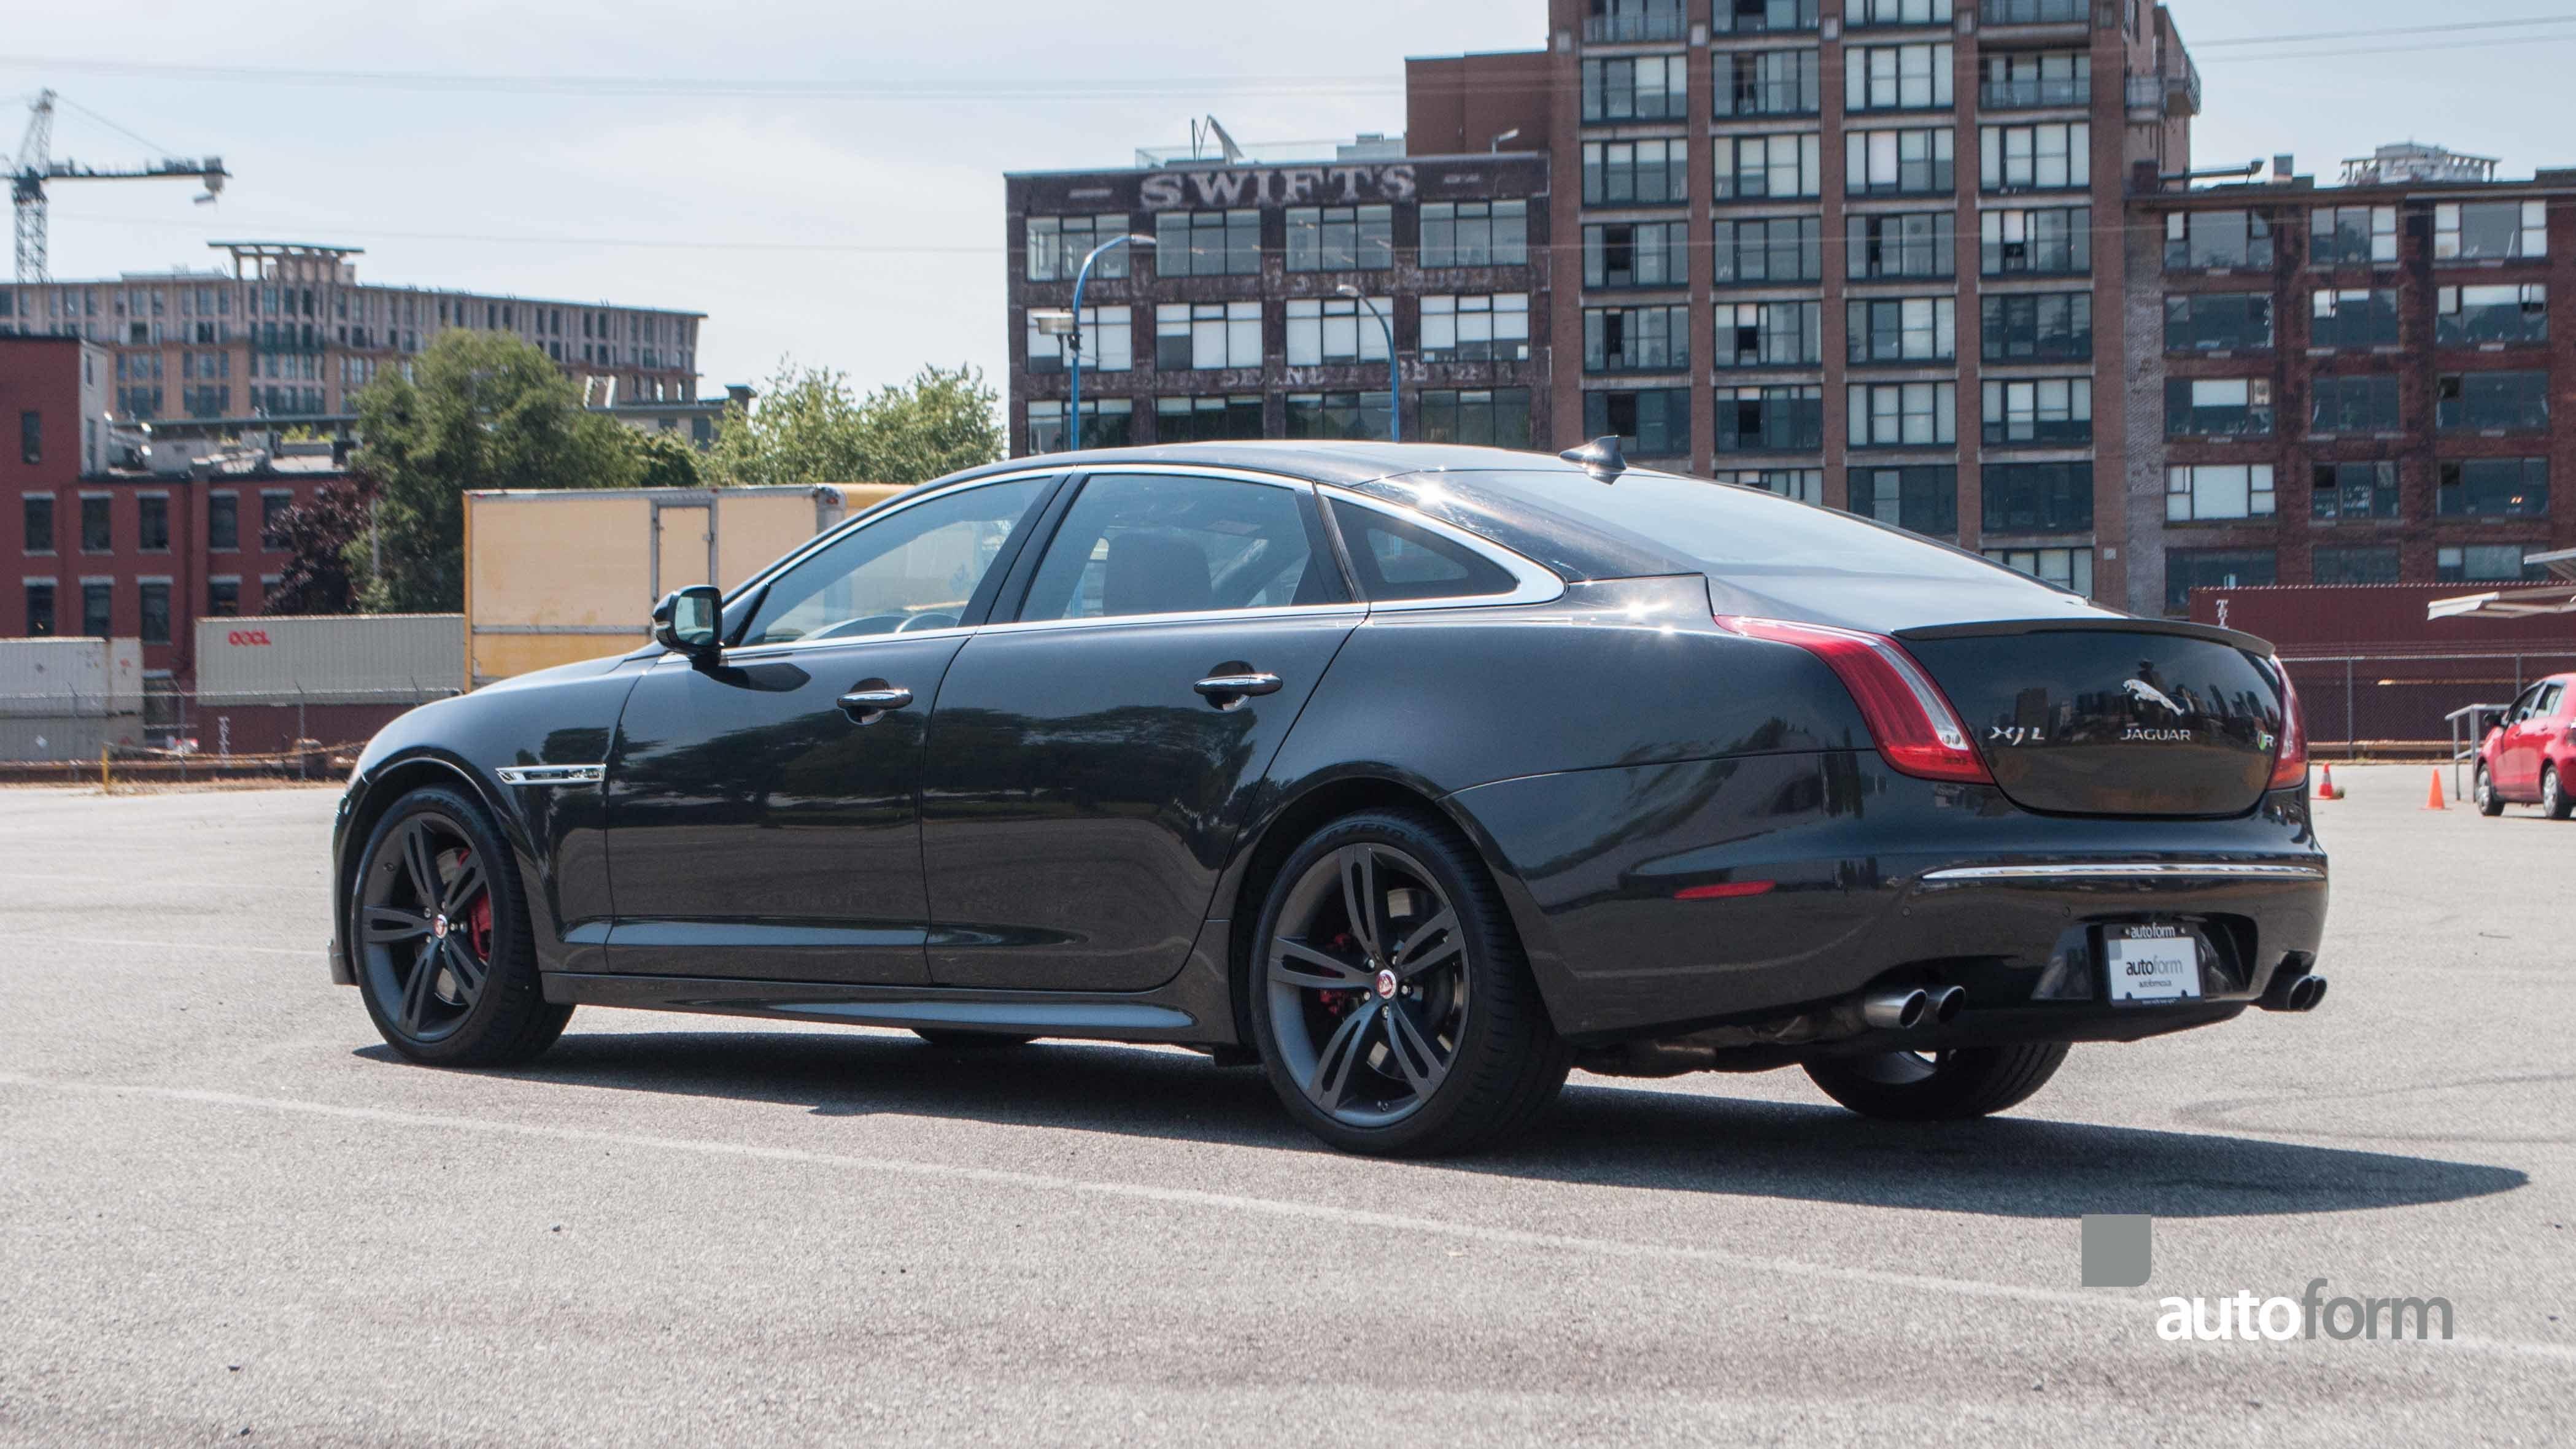 type drive our jaguar s f test auto expert ff